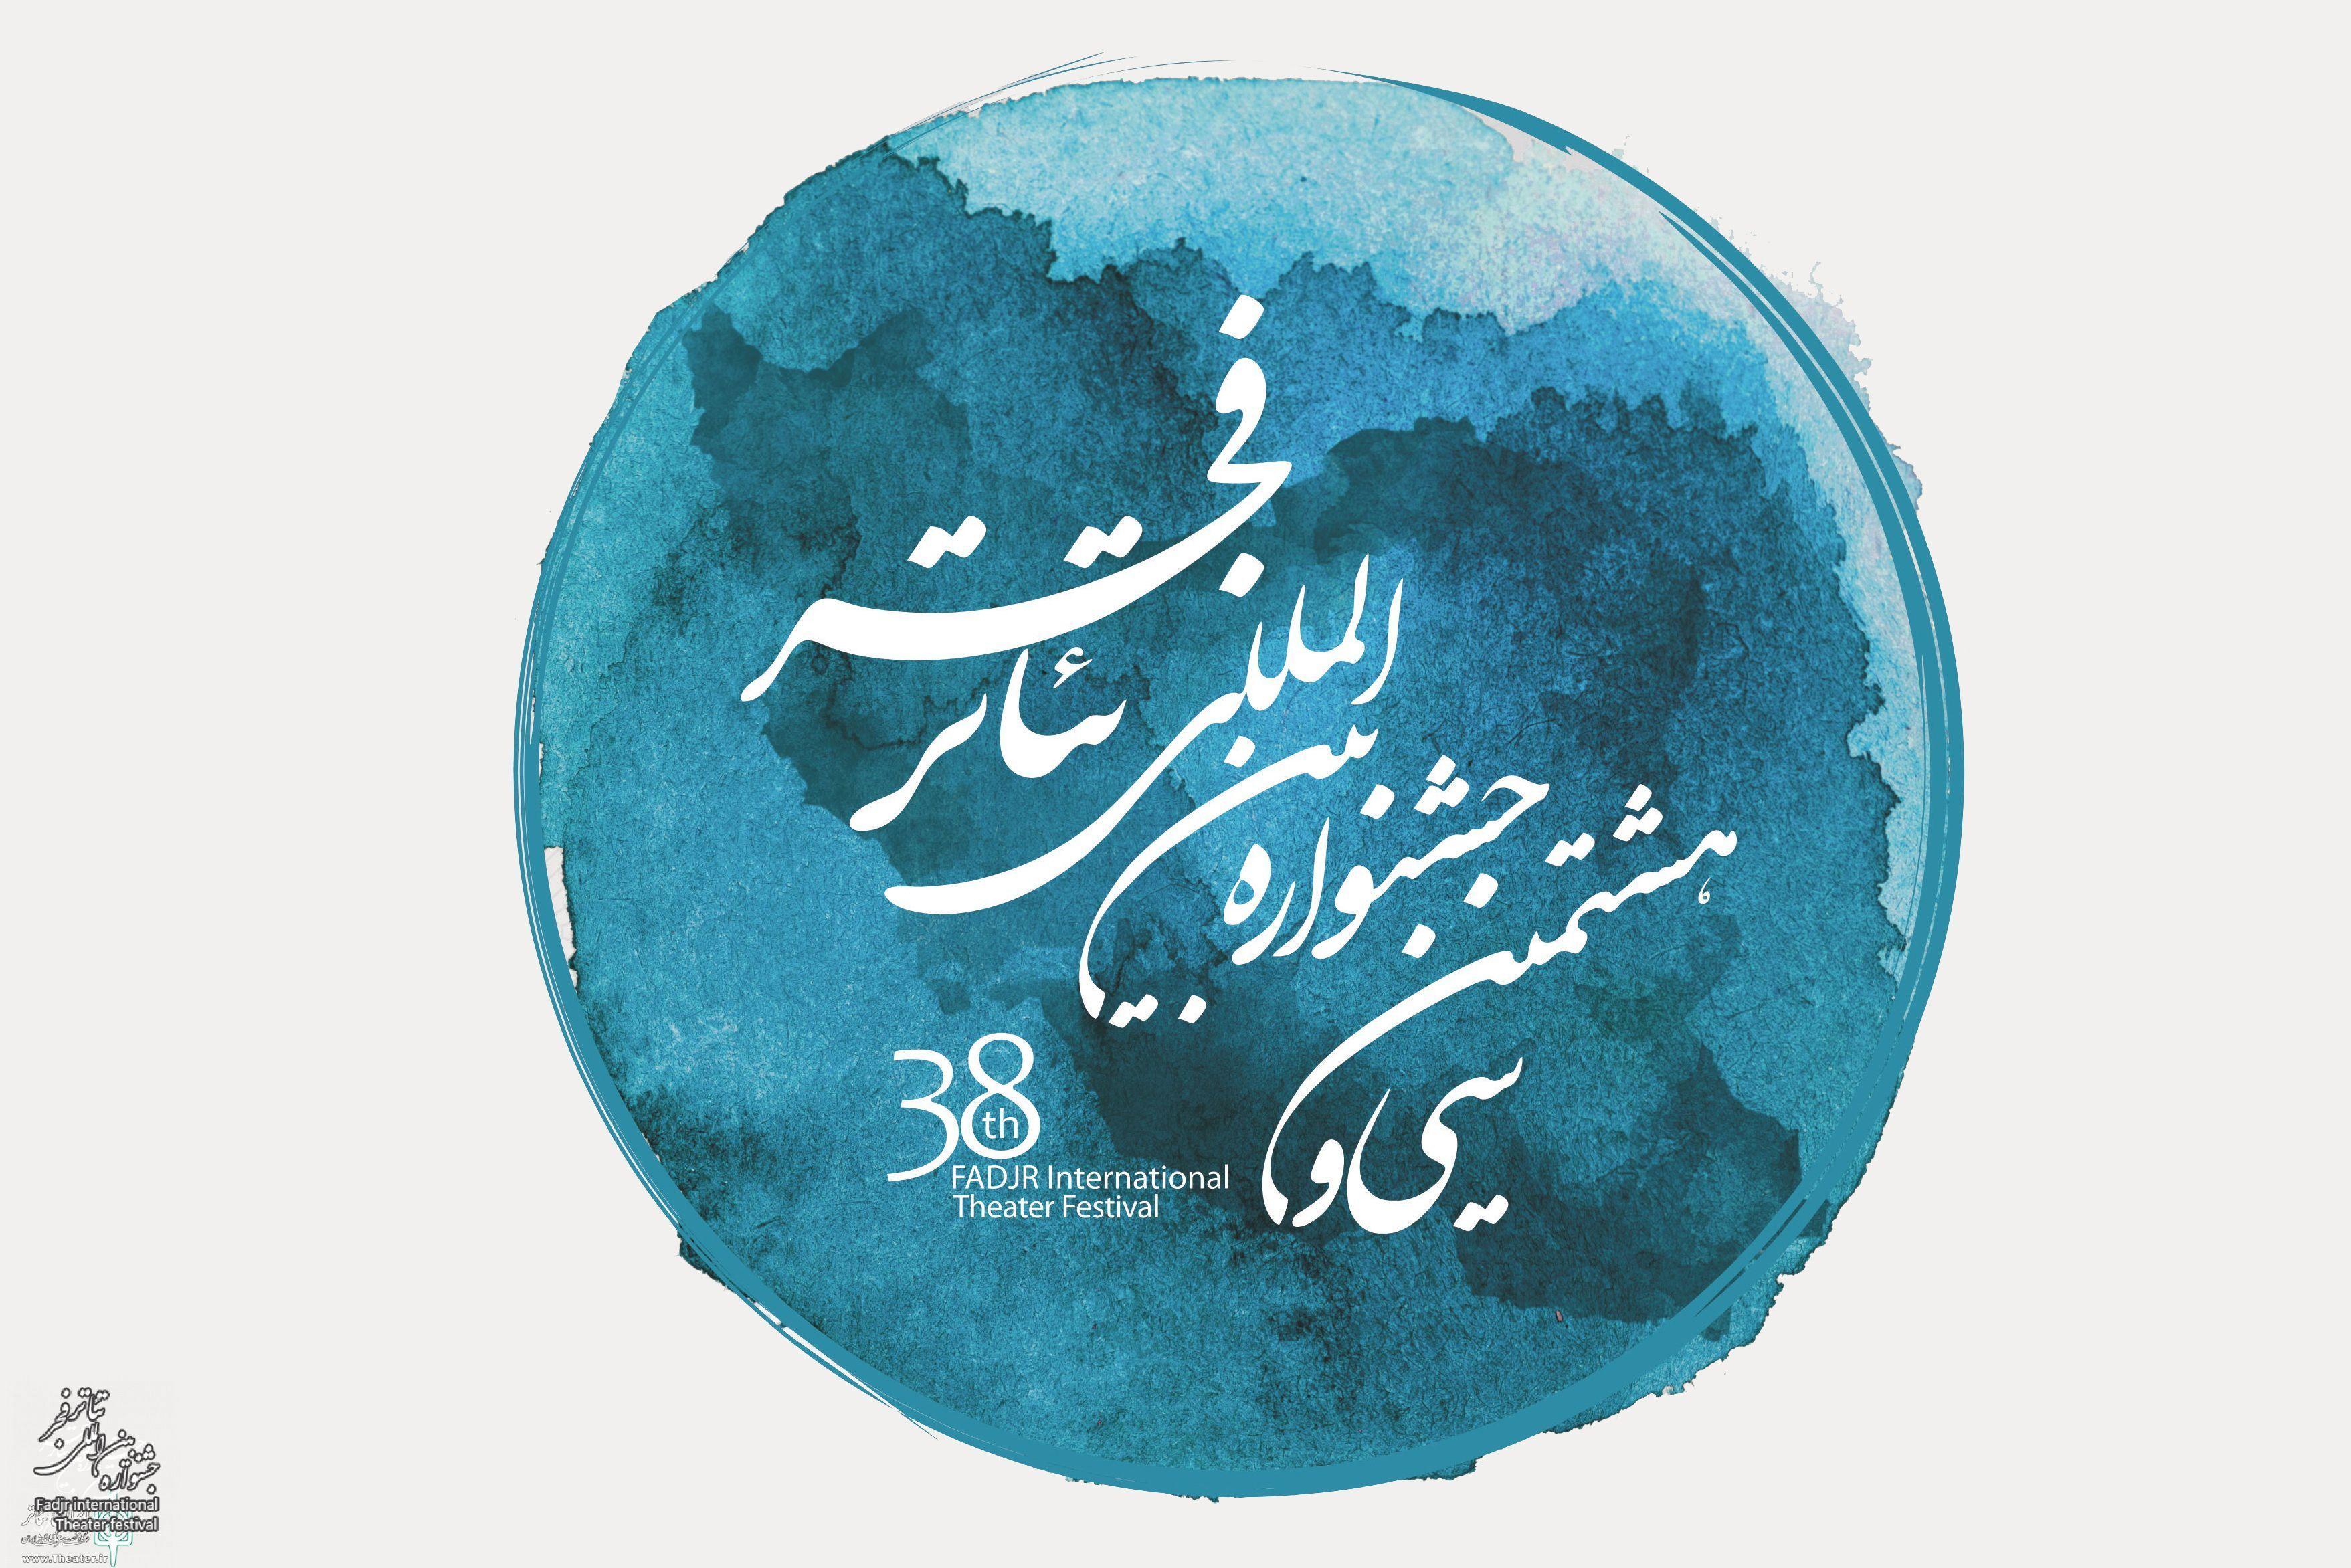 خانه هنرمندان ایران میزبان نمایشگاه عکس و پوستر تئاتر سیوهشتمین جشنواره بینالمللی تئاتر فجر